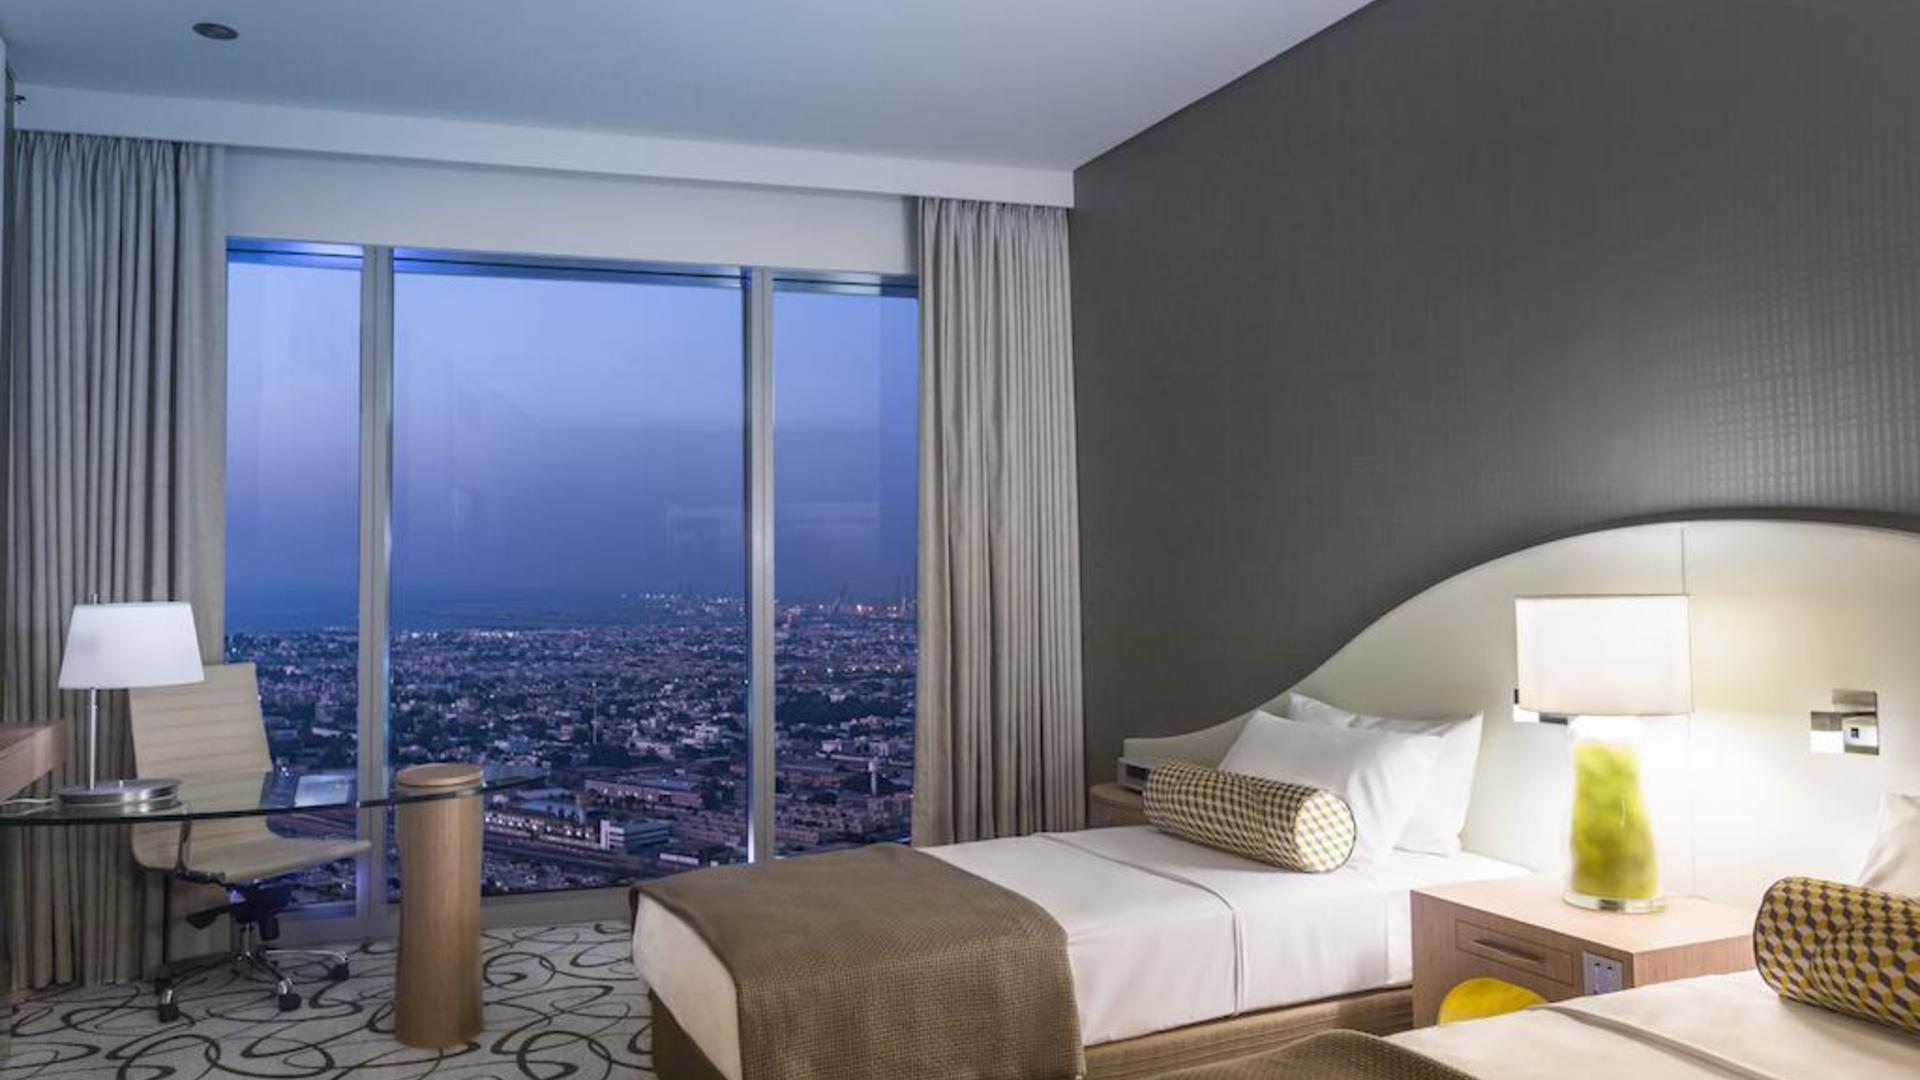 Apartamento en venta en Dubai, EAU, 4 dormitorios, 223 m2, № 23869 – foto 1